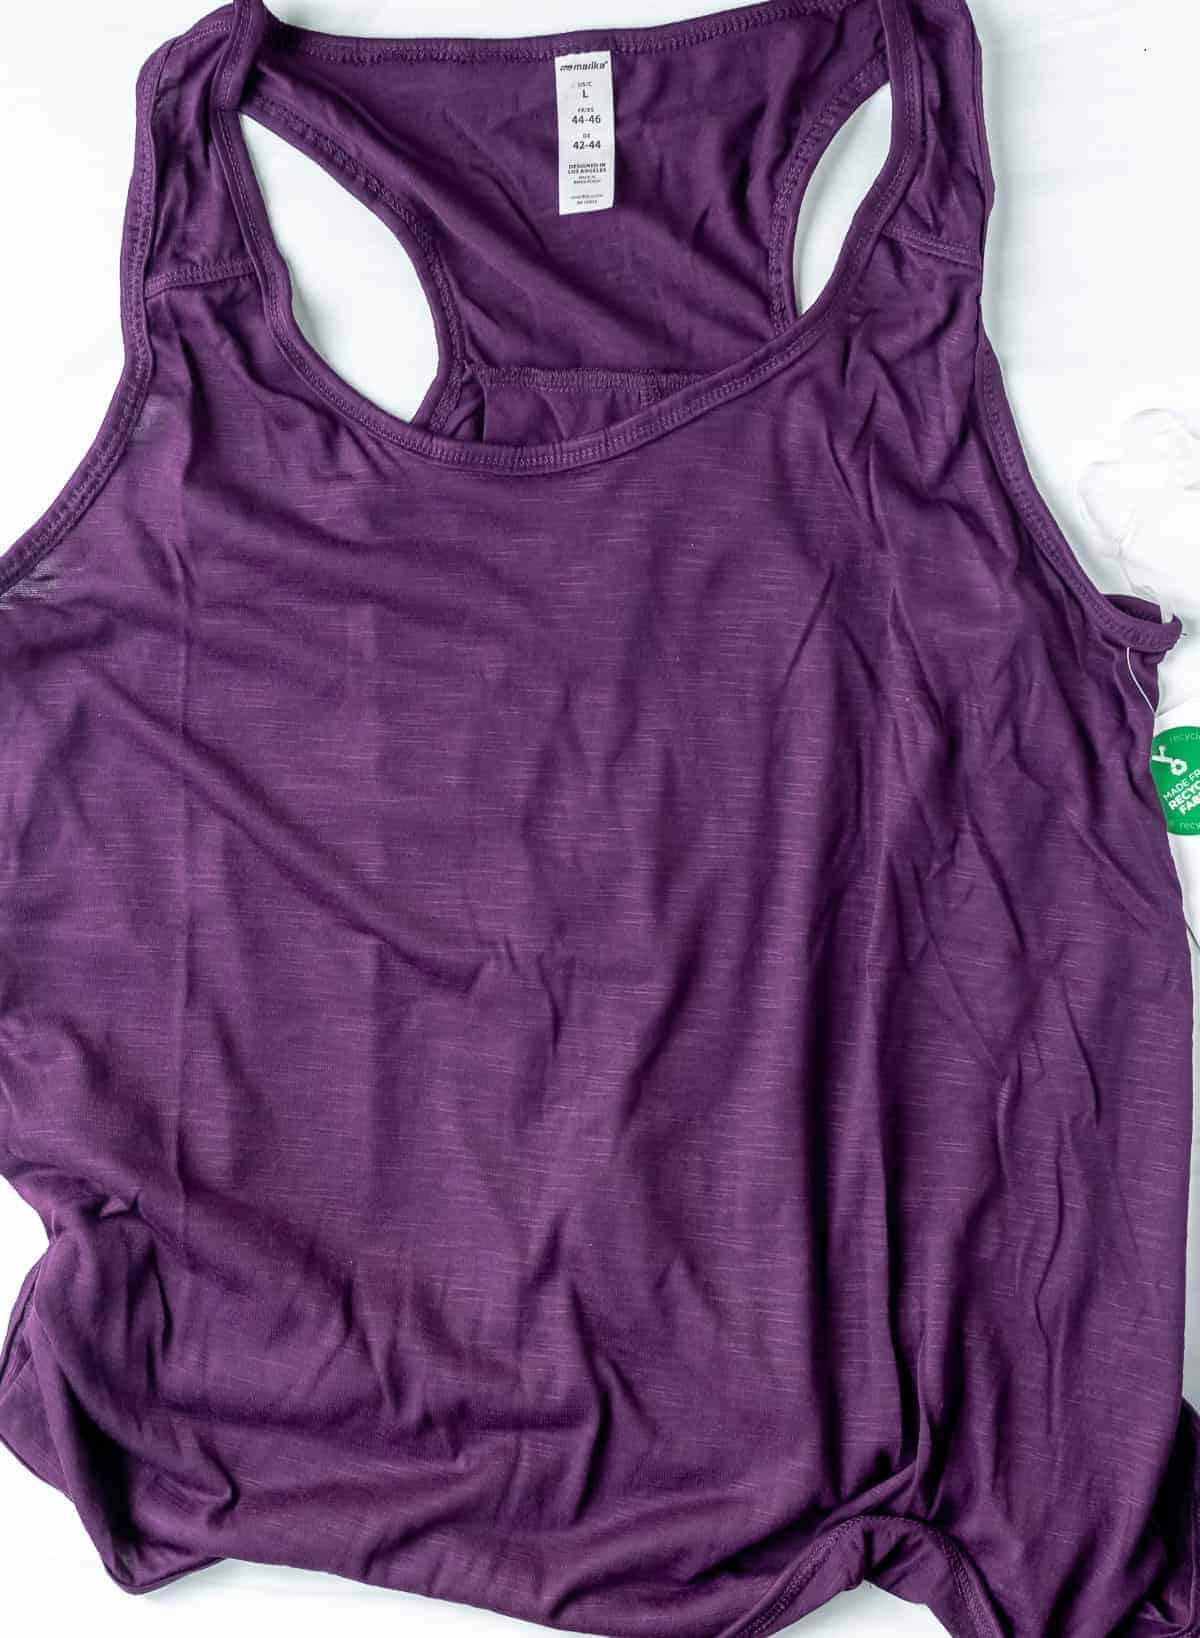 Marika Wynn Tank in Potent Purple